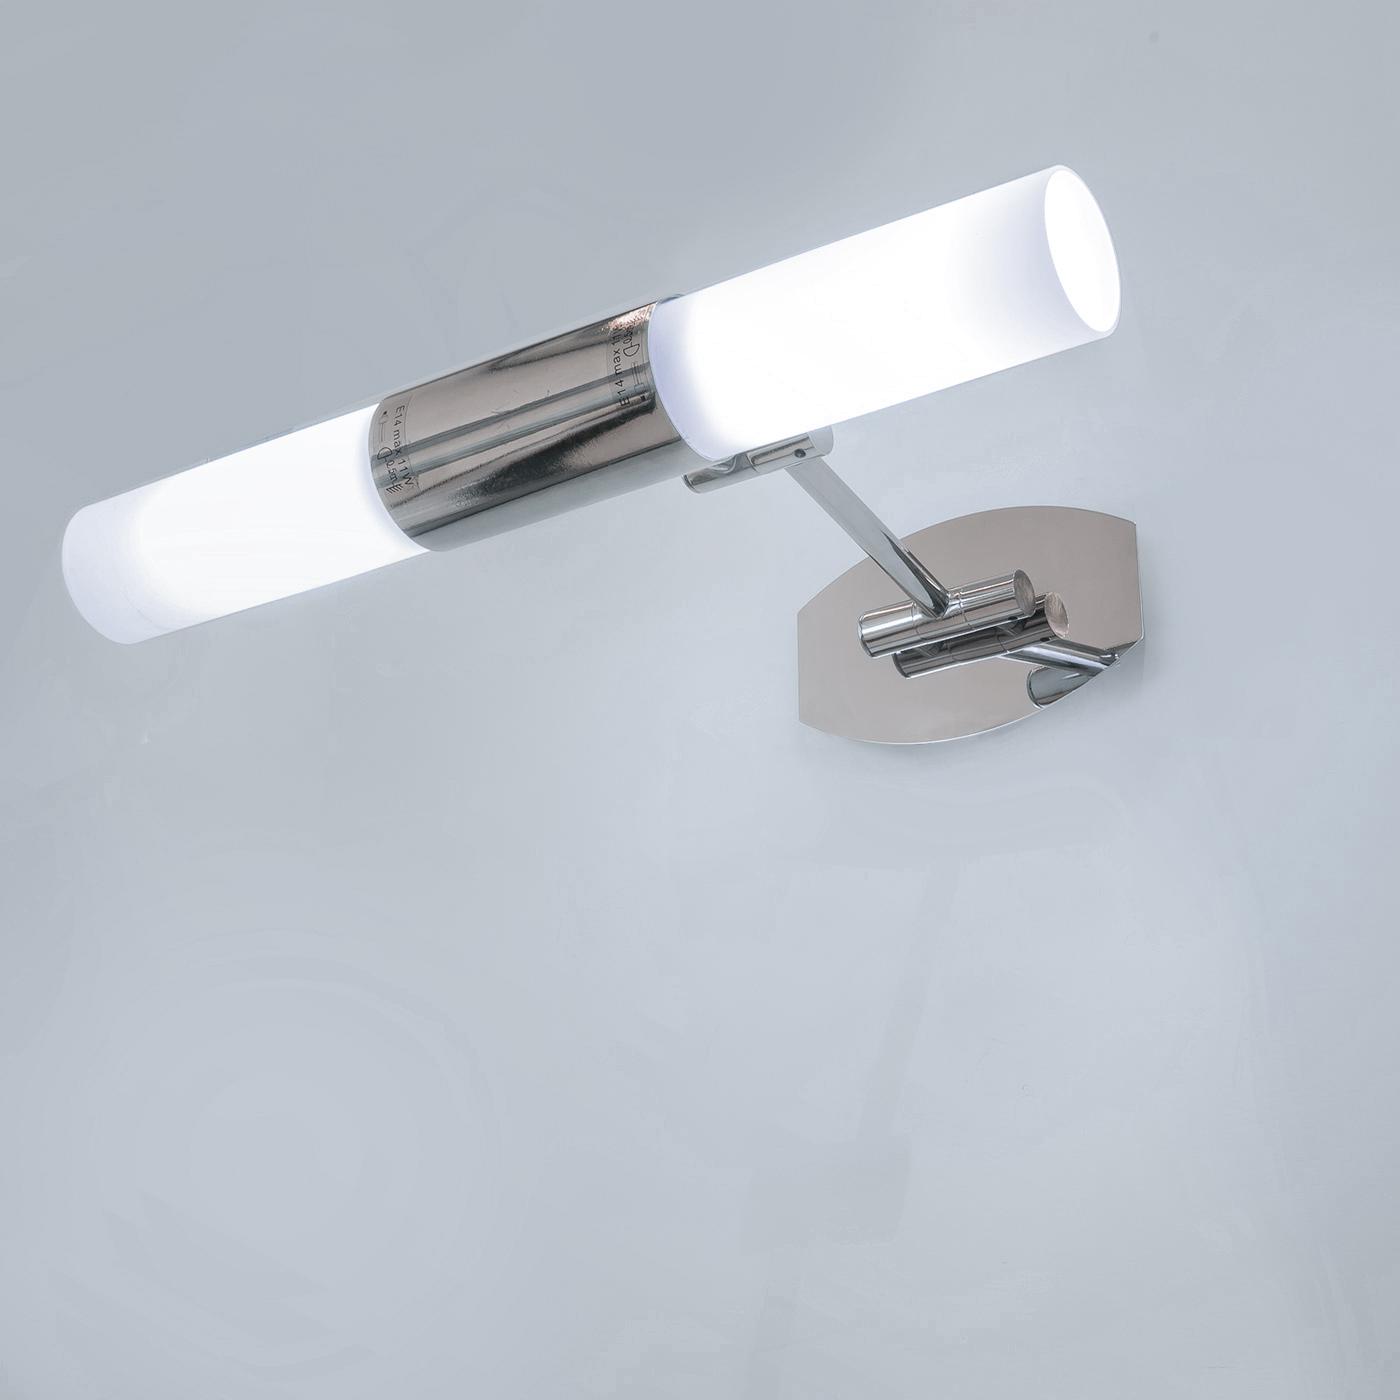 Applique led per specchio bagno prova sito - Applique bagno specchio ...